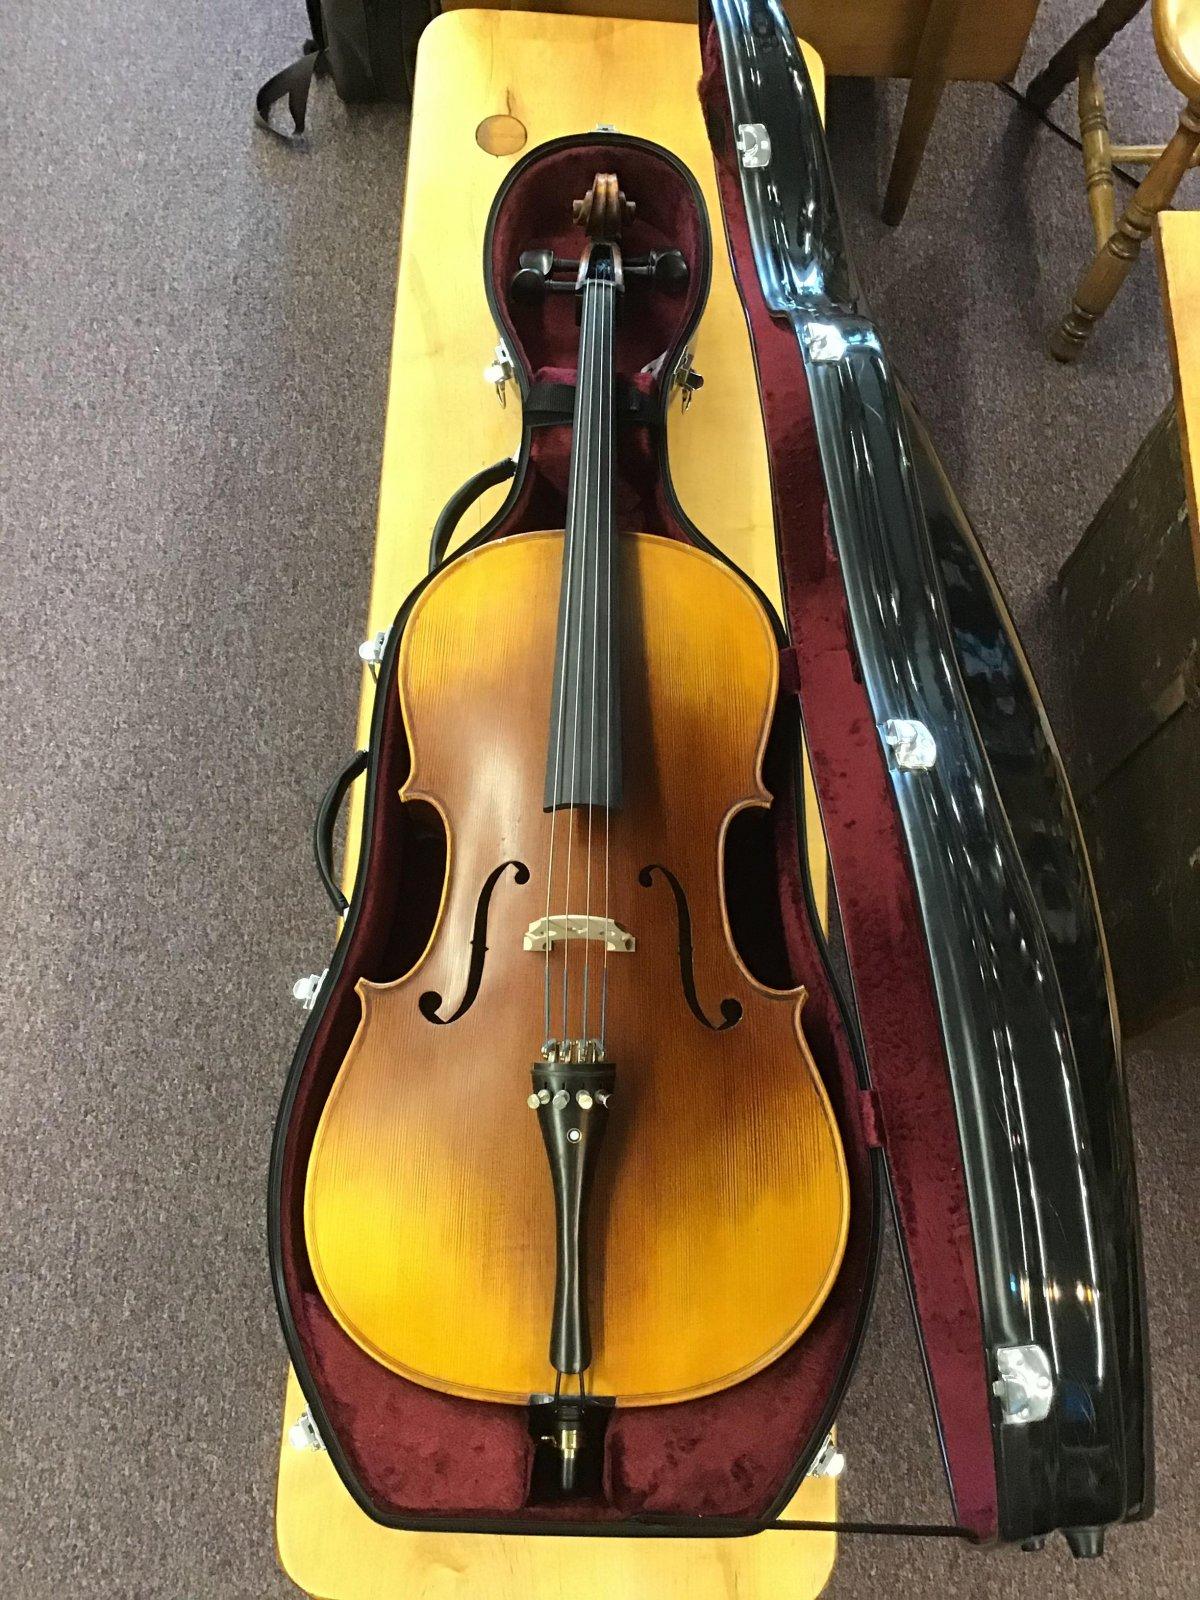 Pre-Owned Cecilio CCO-600 3/4 size Cello w/ Hard Case